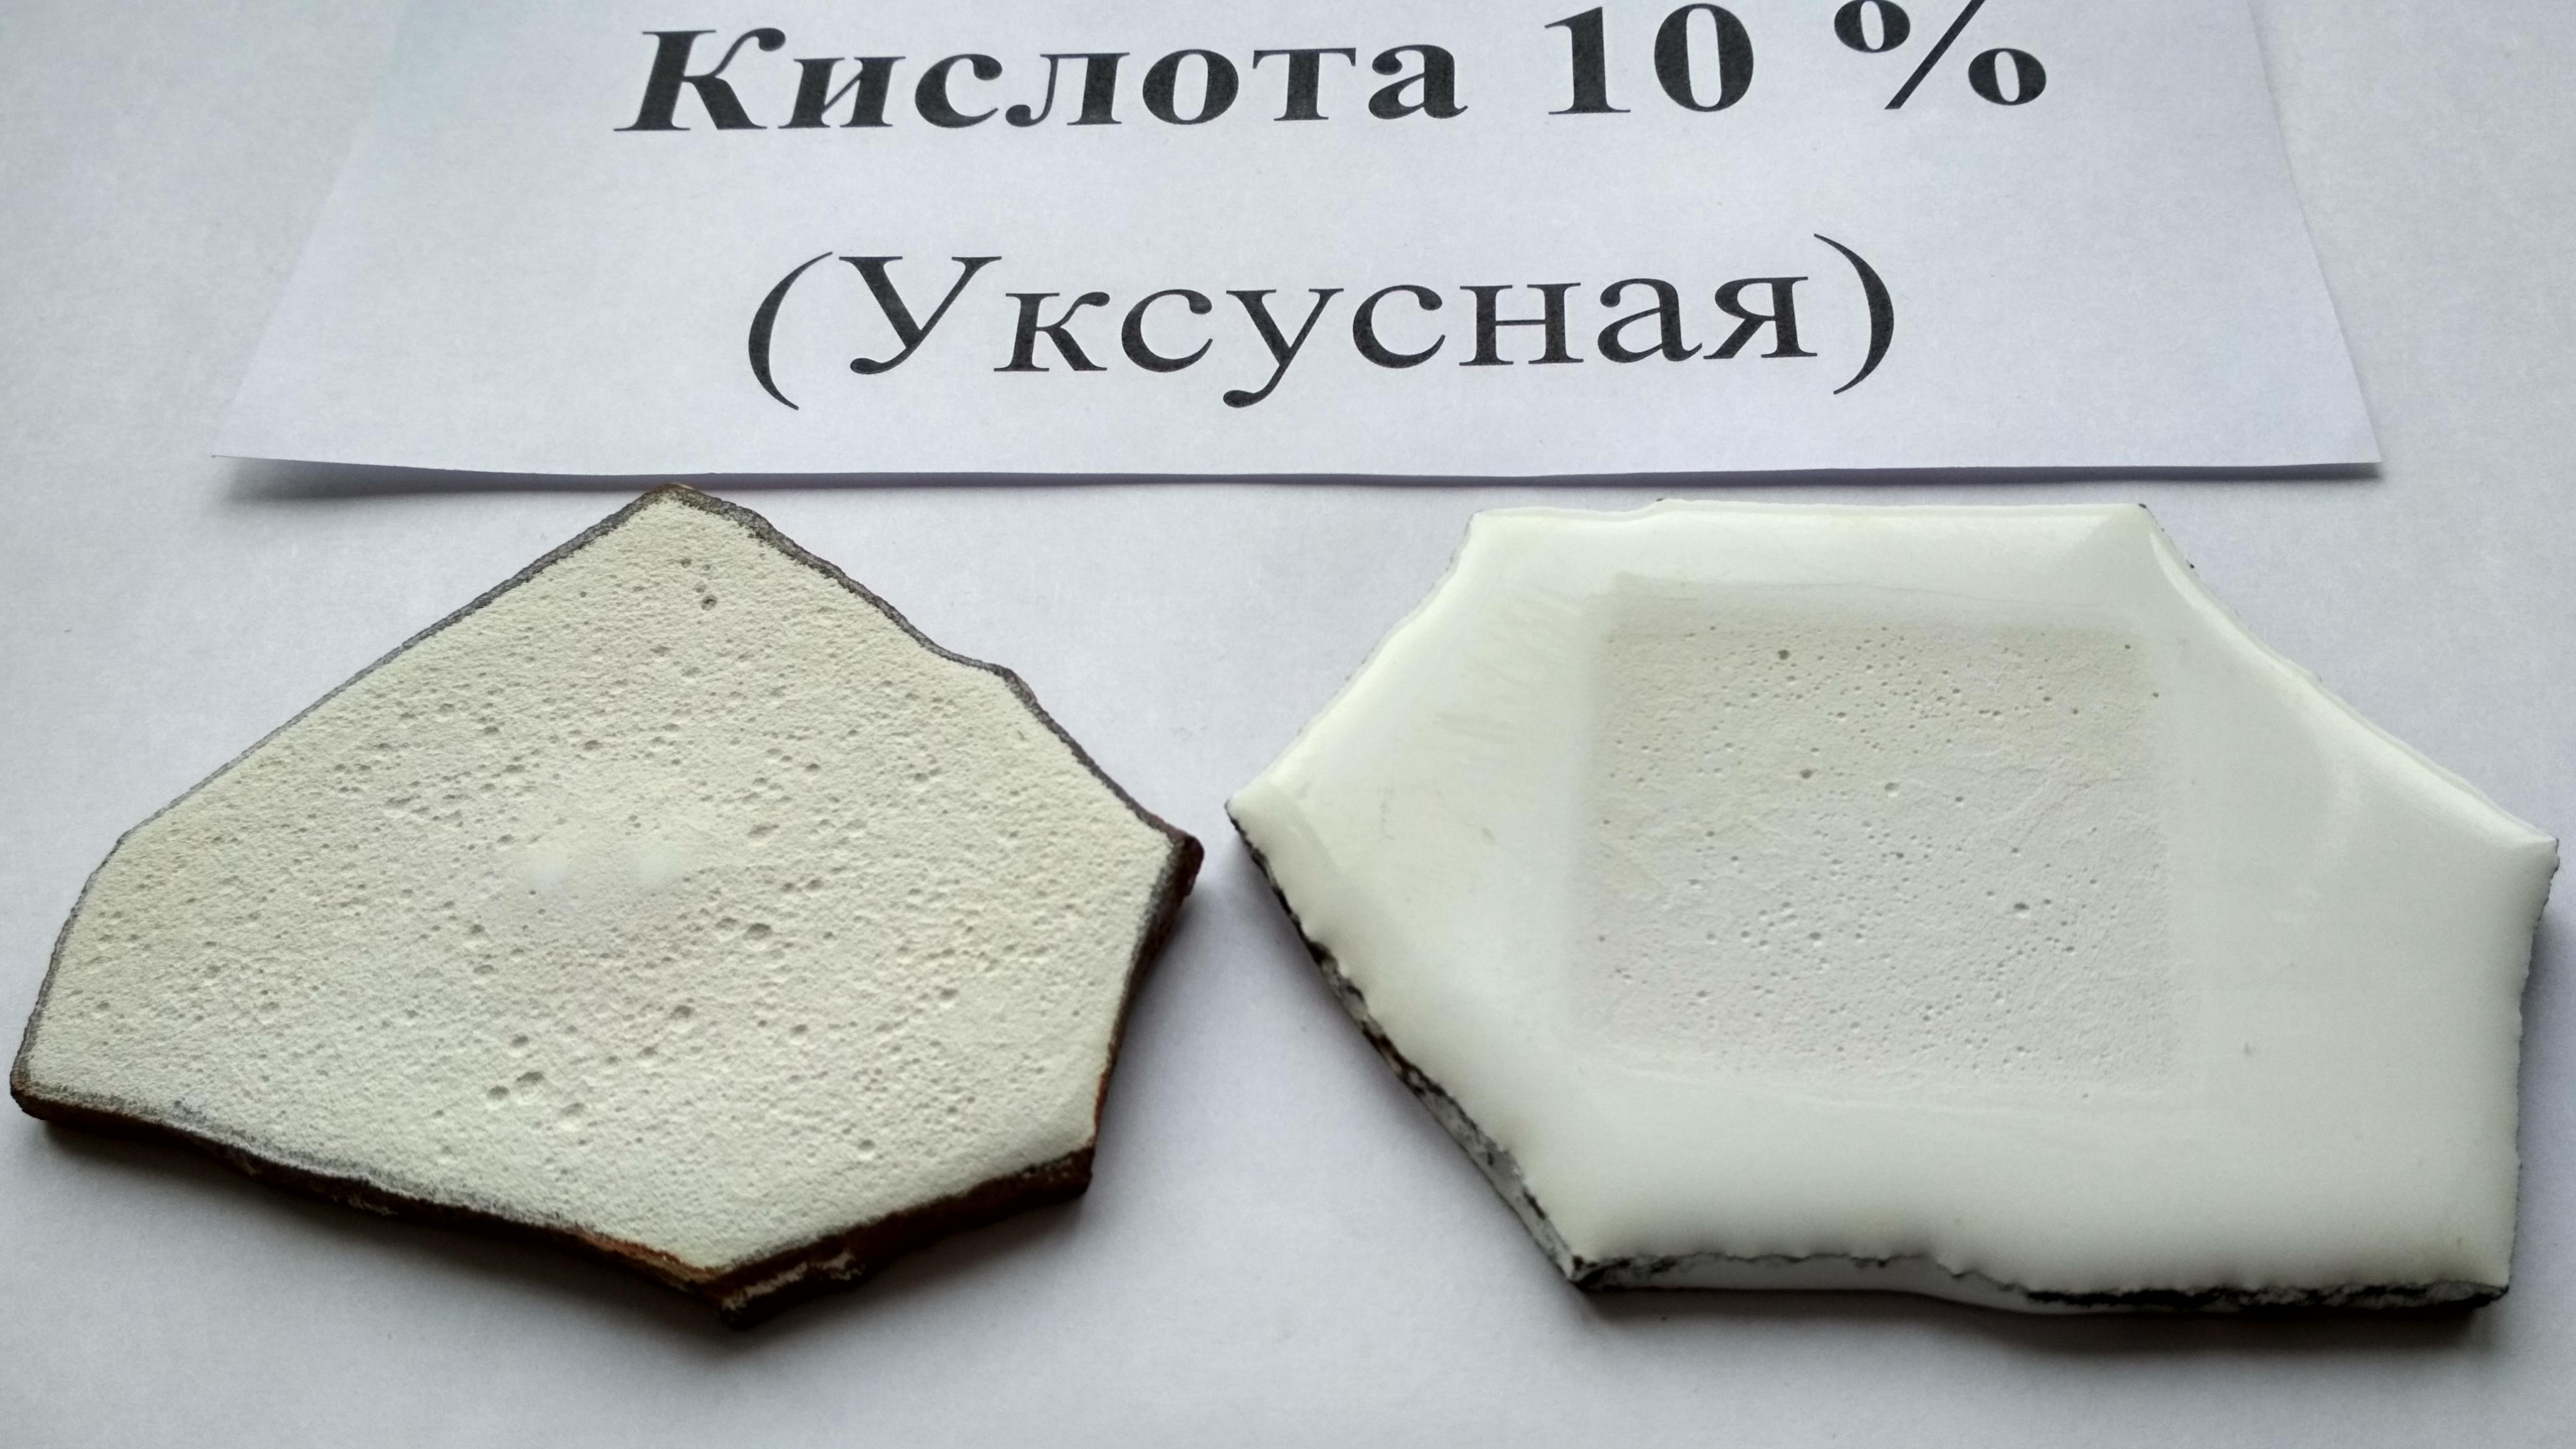 Чугунные пластинки после воздействия 10 % уксусной кислоты в 30 дней